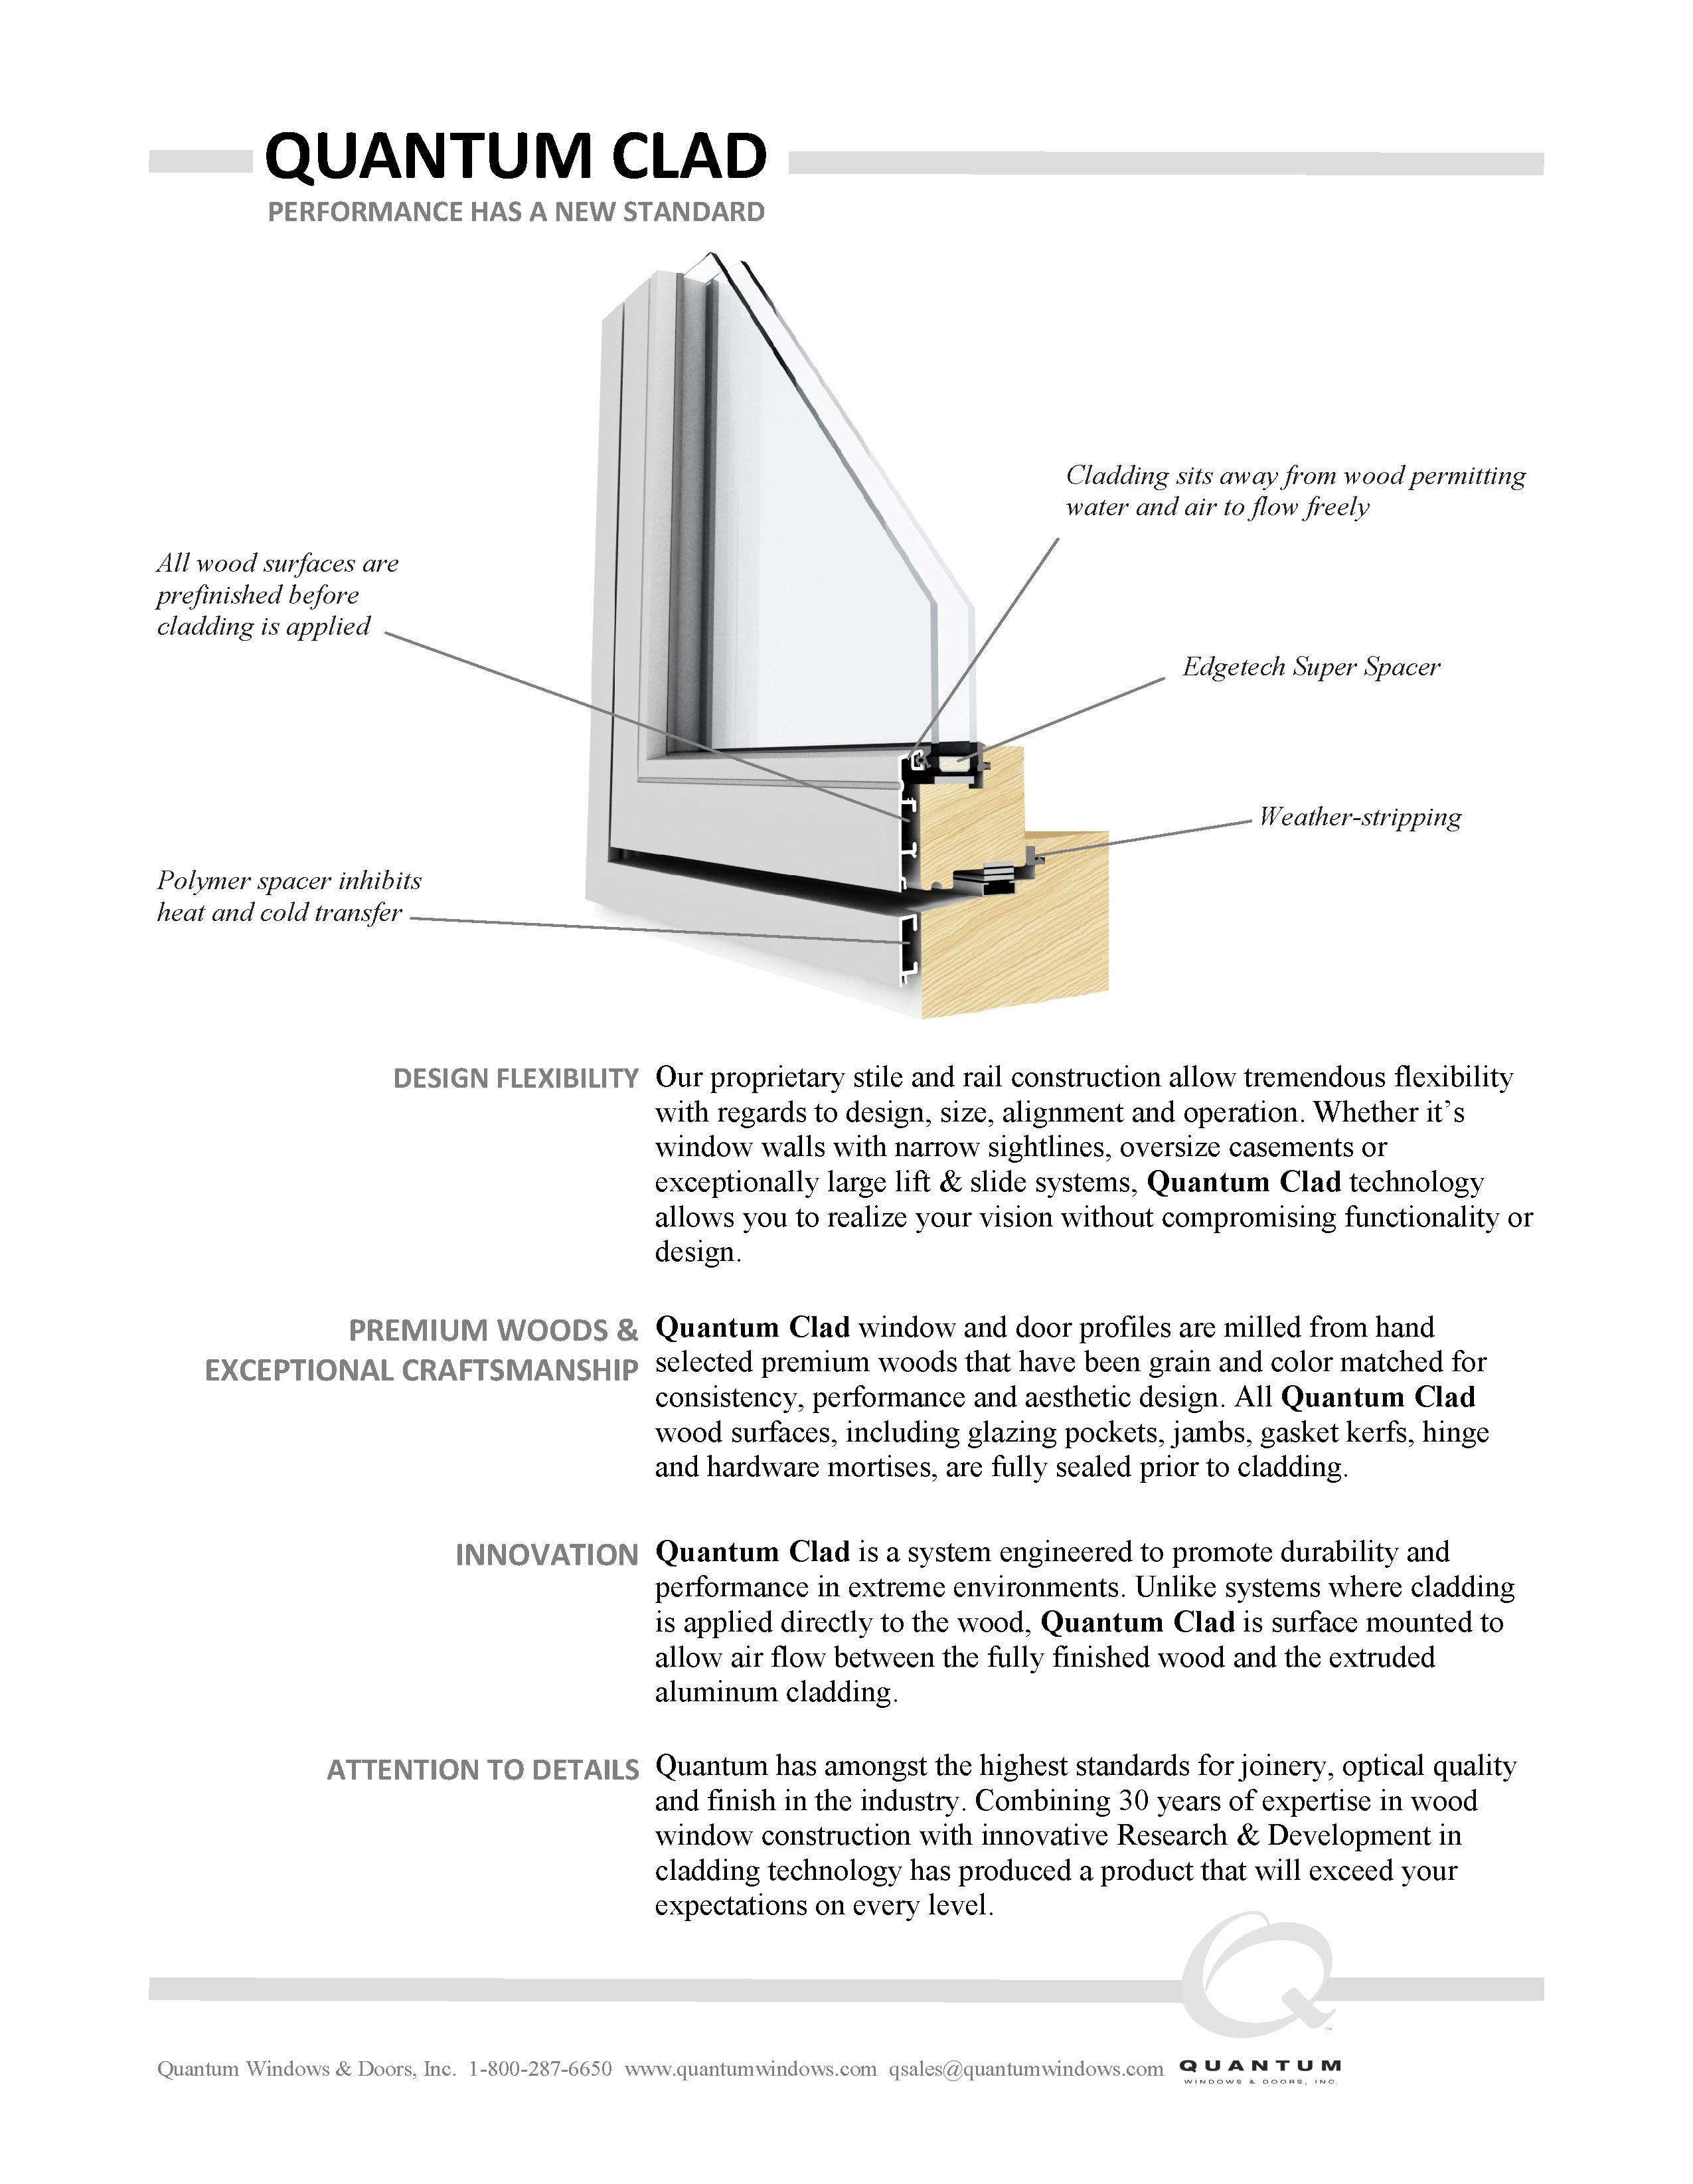 Quantum Clad Brochure Thumbnail